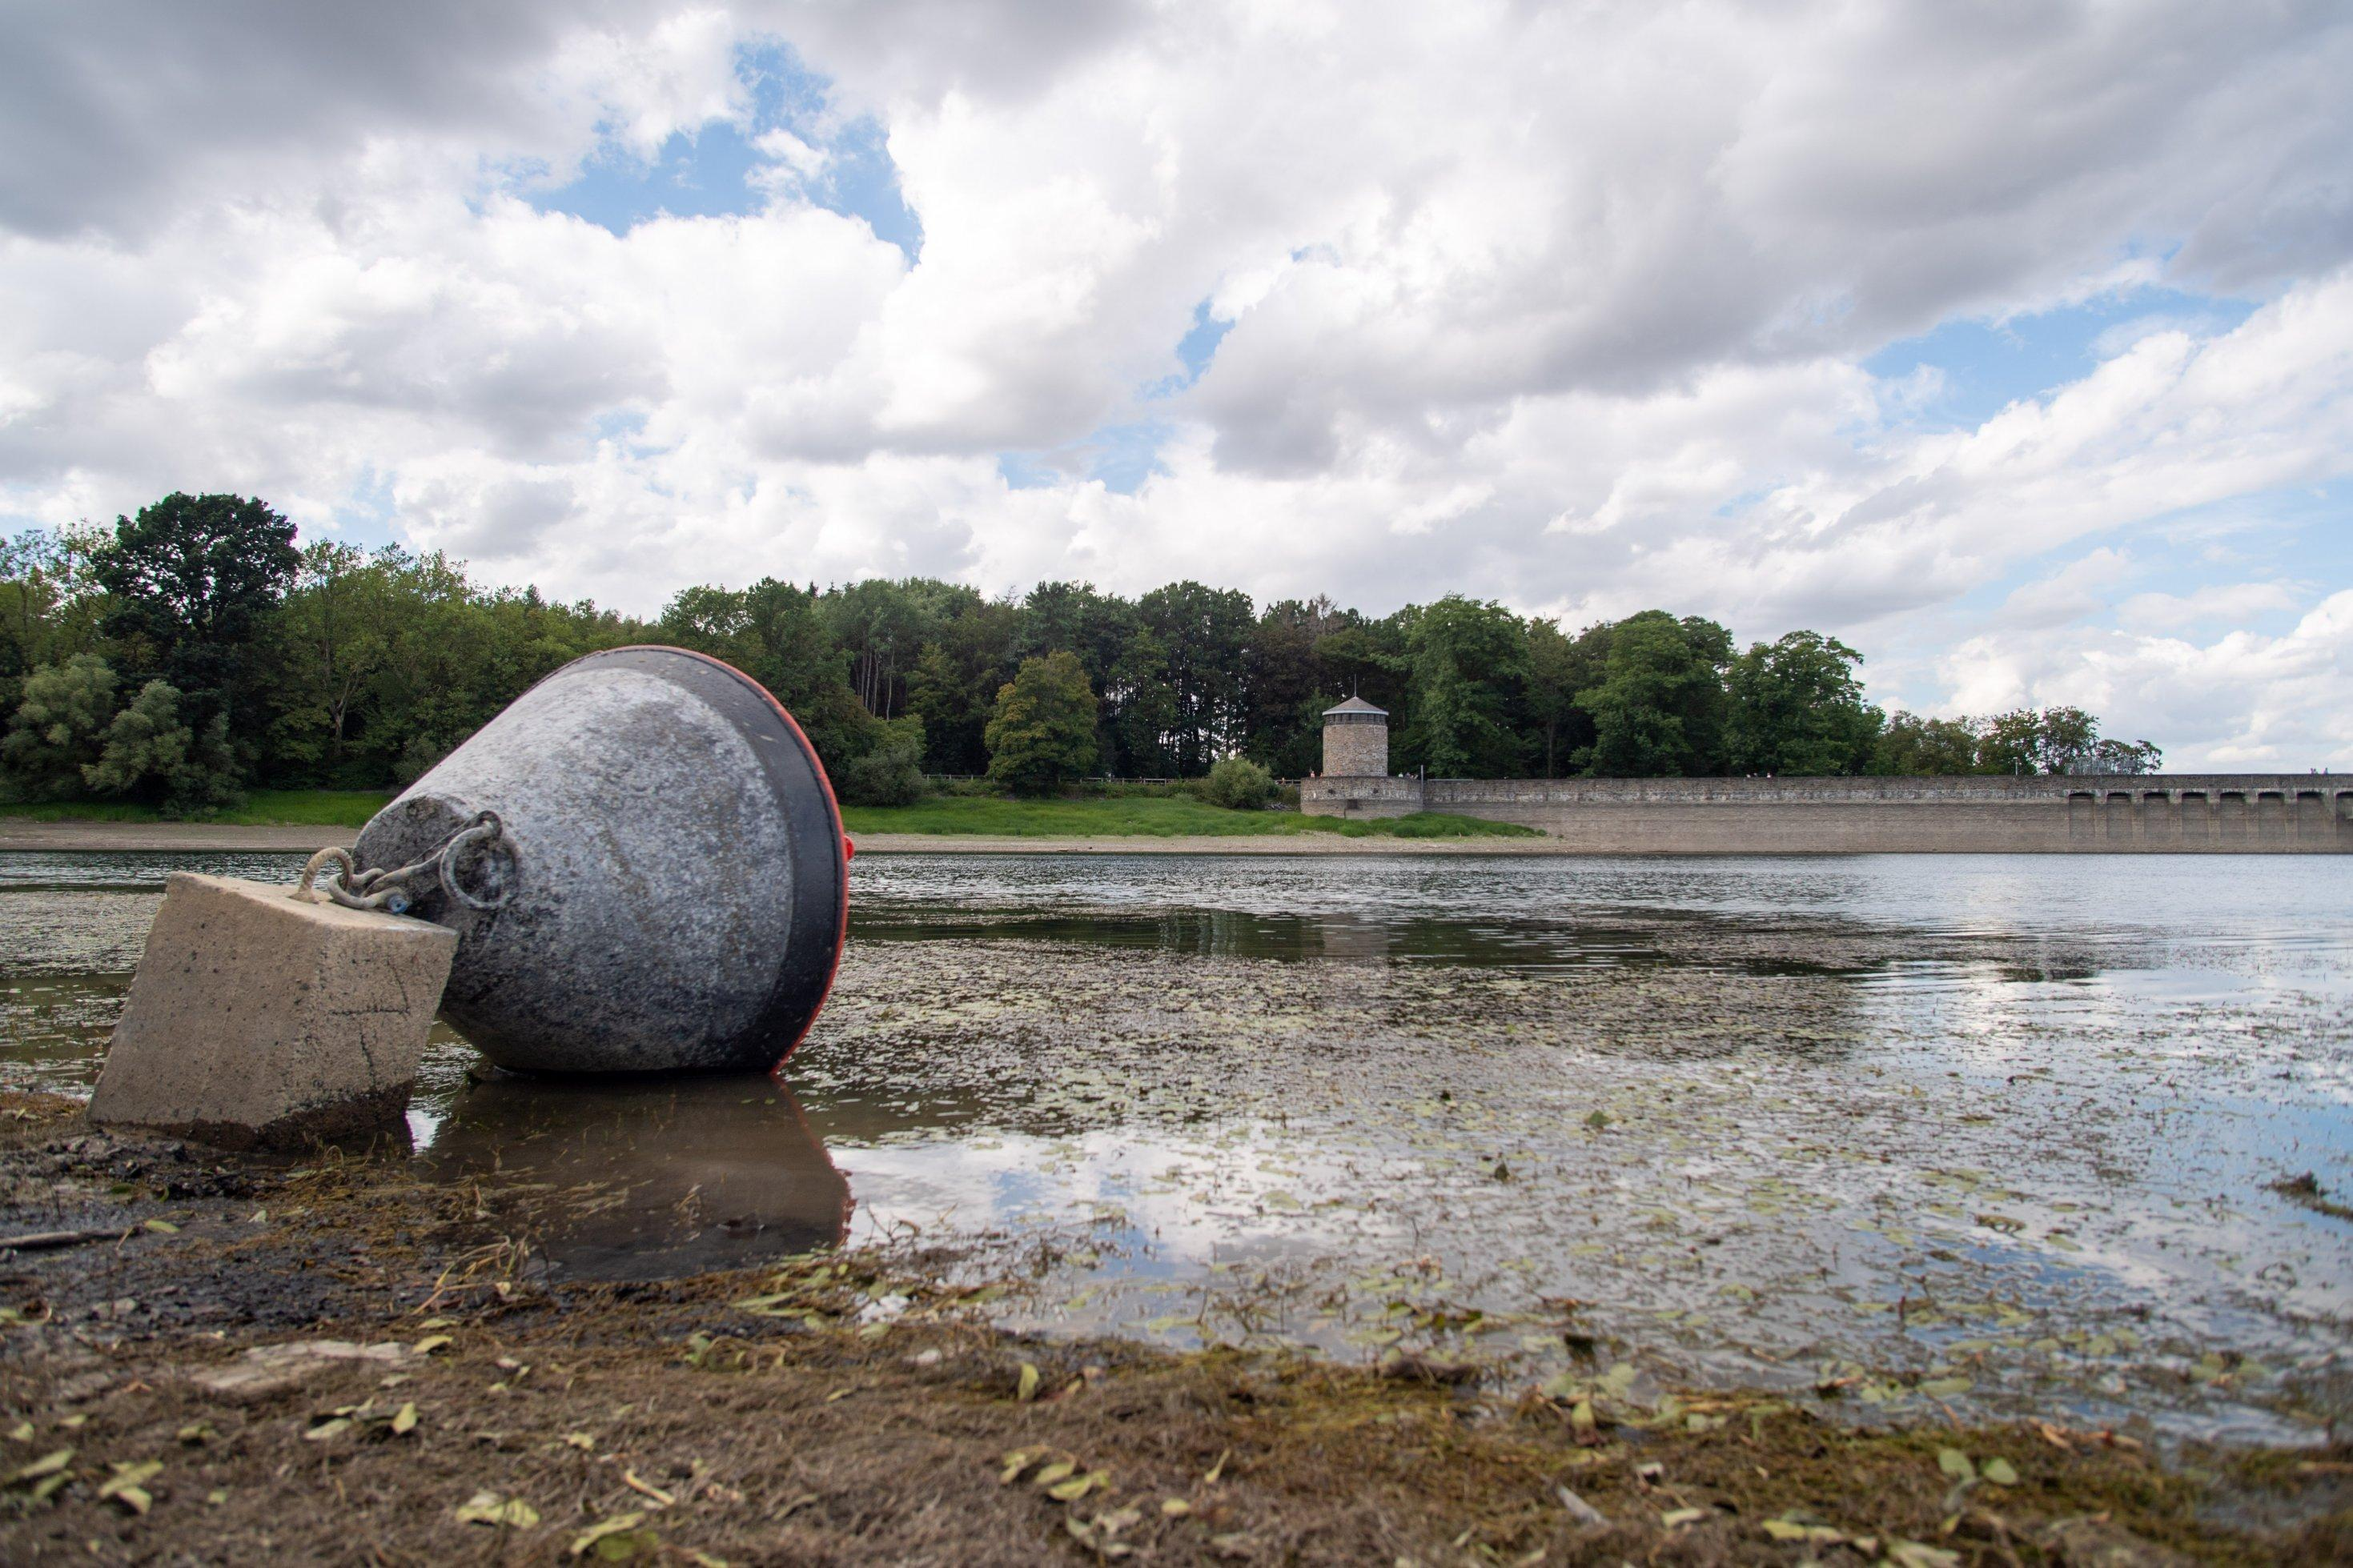 Eine Boje liegt in einem Staubecken bei Niedrigwasser auf dem Trockenen. Im Hintergrund Stauanlagen der Möhnetalsperre.